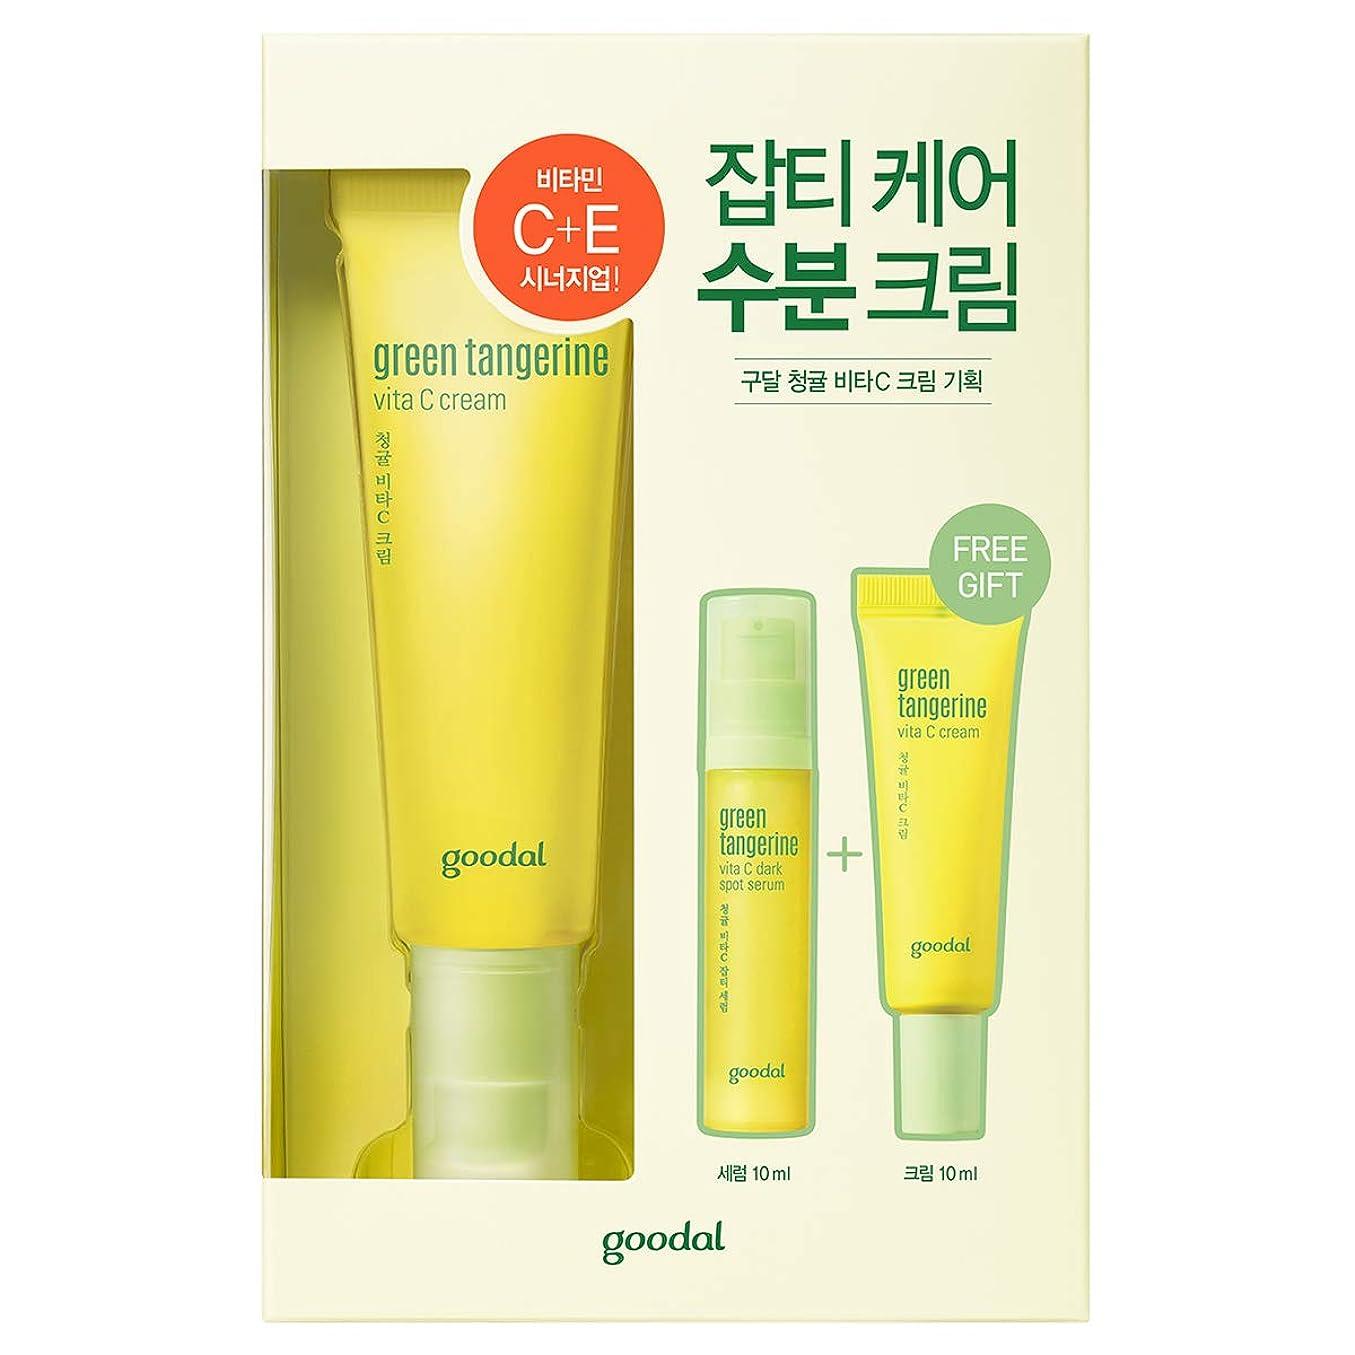 エンゲージメント解く分類goodal グーダル グリーン タンジェリン ビタC クリーム セット Green Tangerine VitaC Cream Set 30ml 青ミカン クリーム